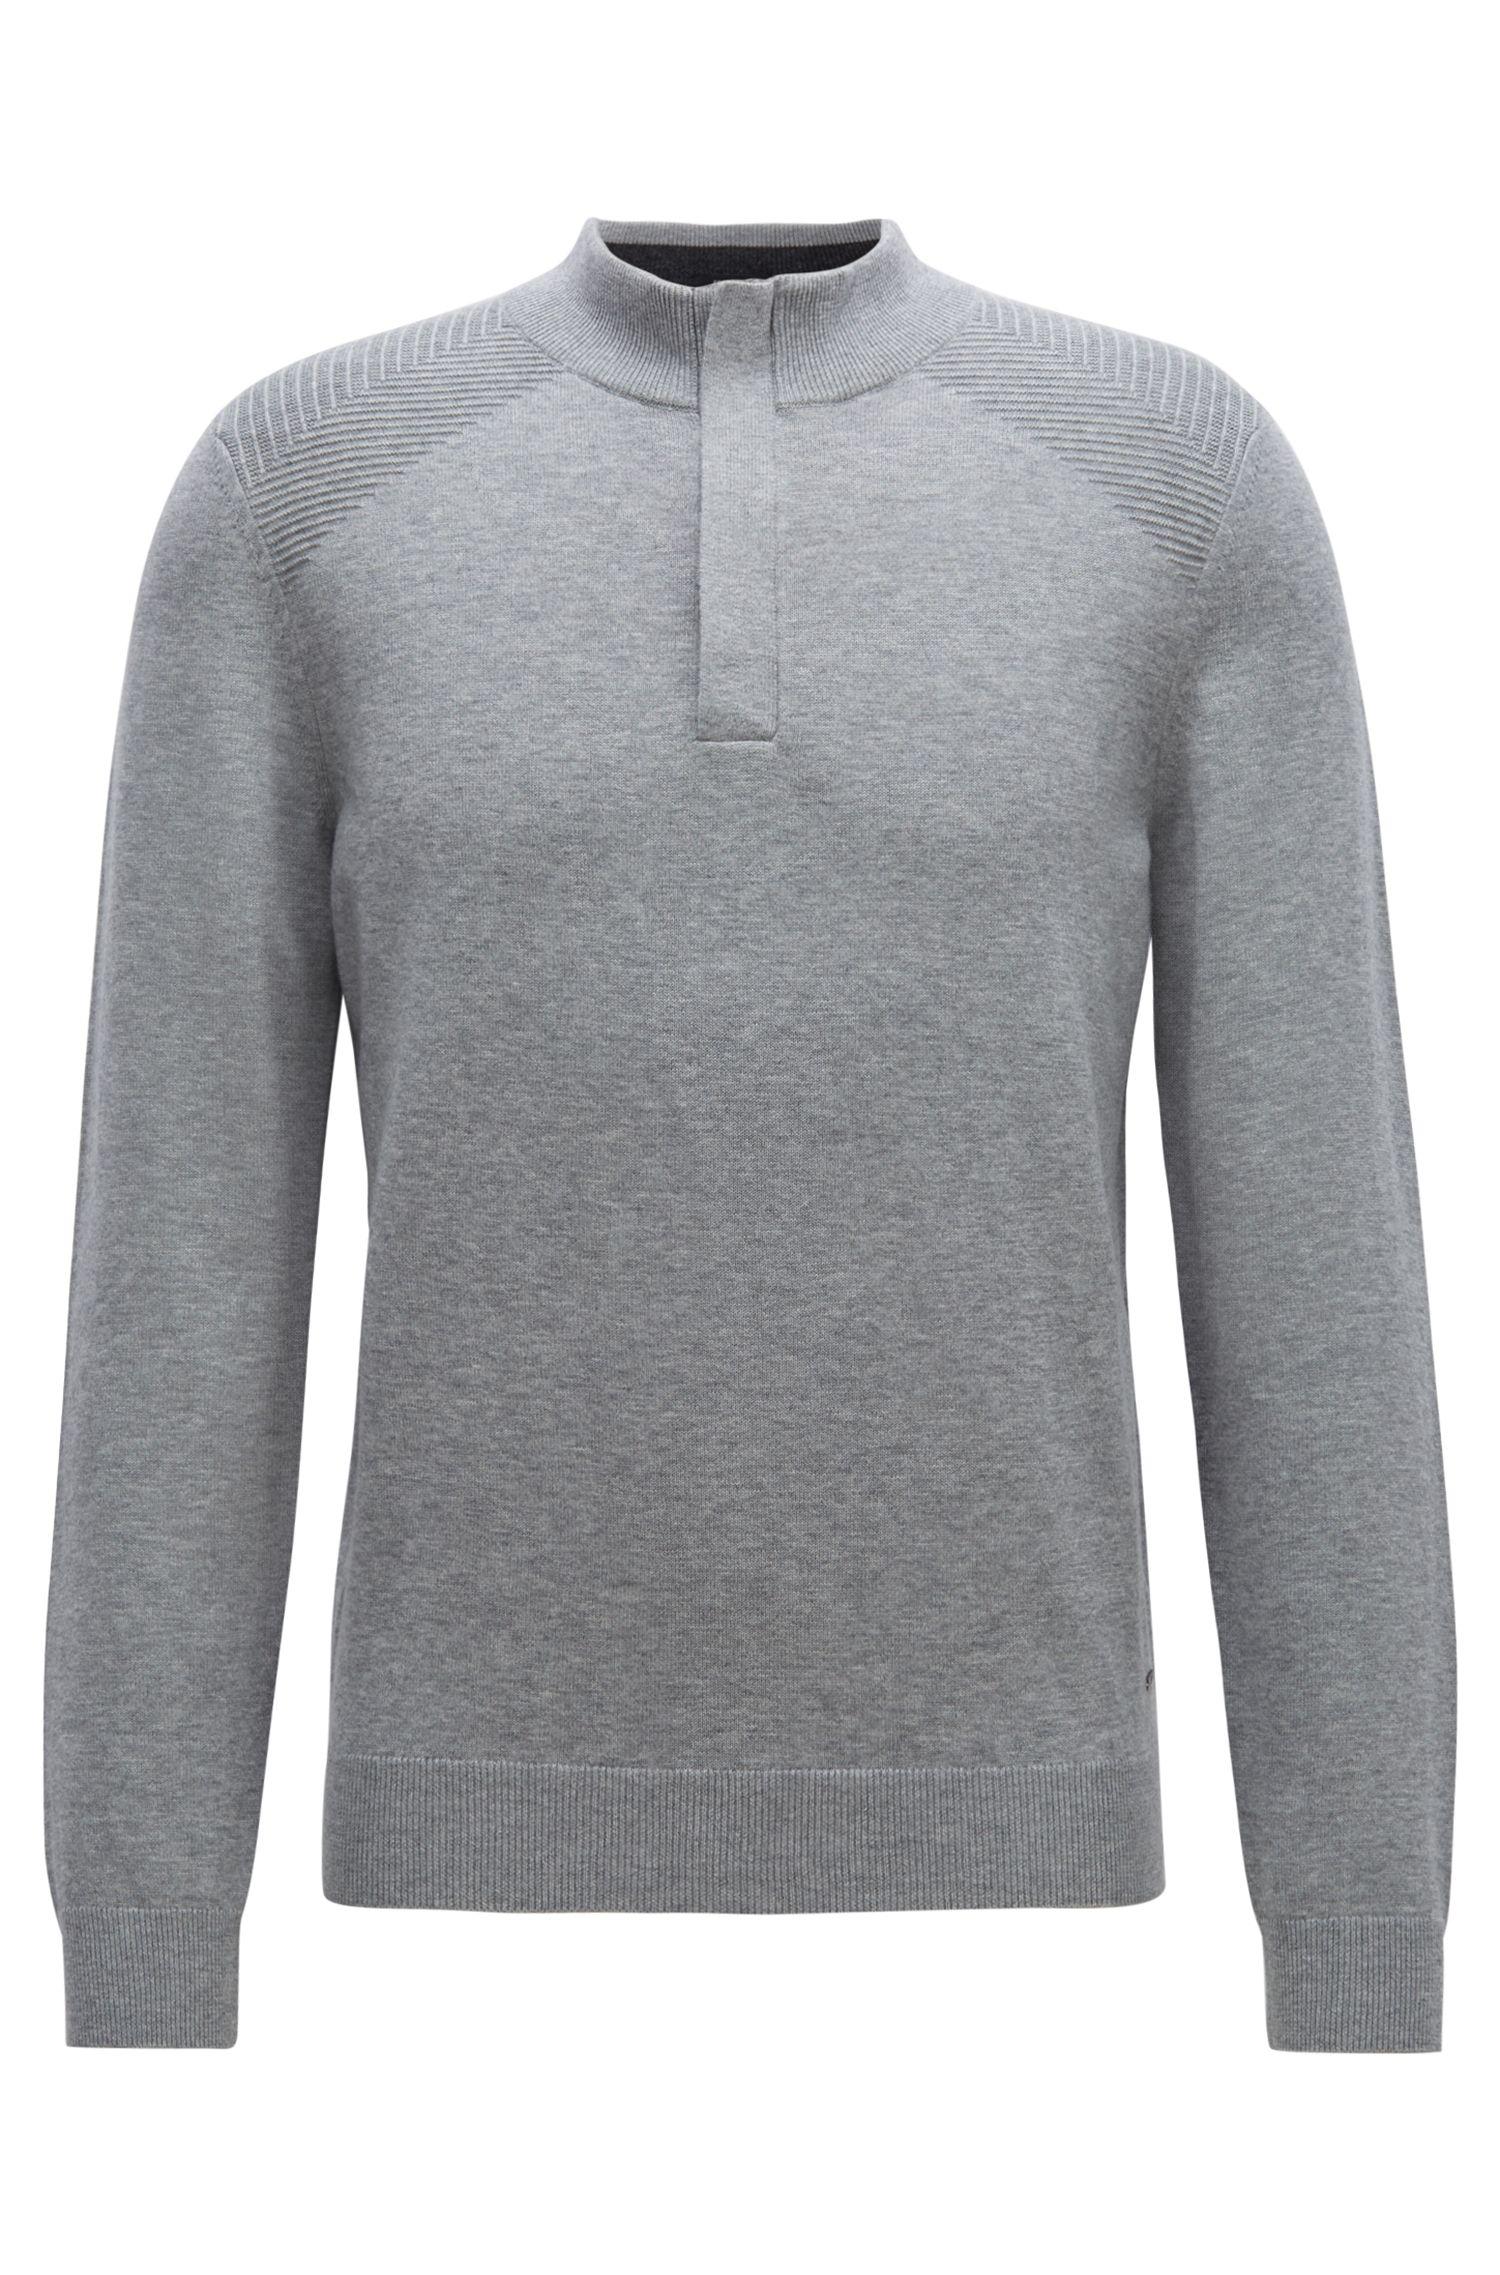 Pullover aus Baumwoll-Schurwoll-Mix mit Troyerkragen, Silber